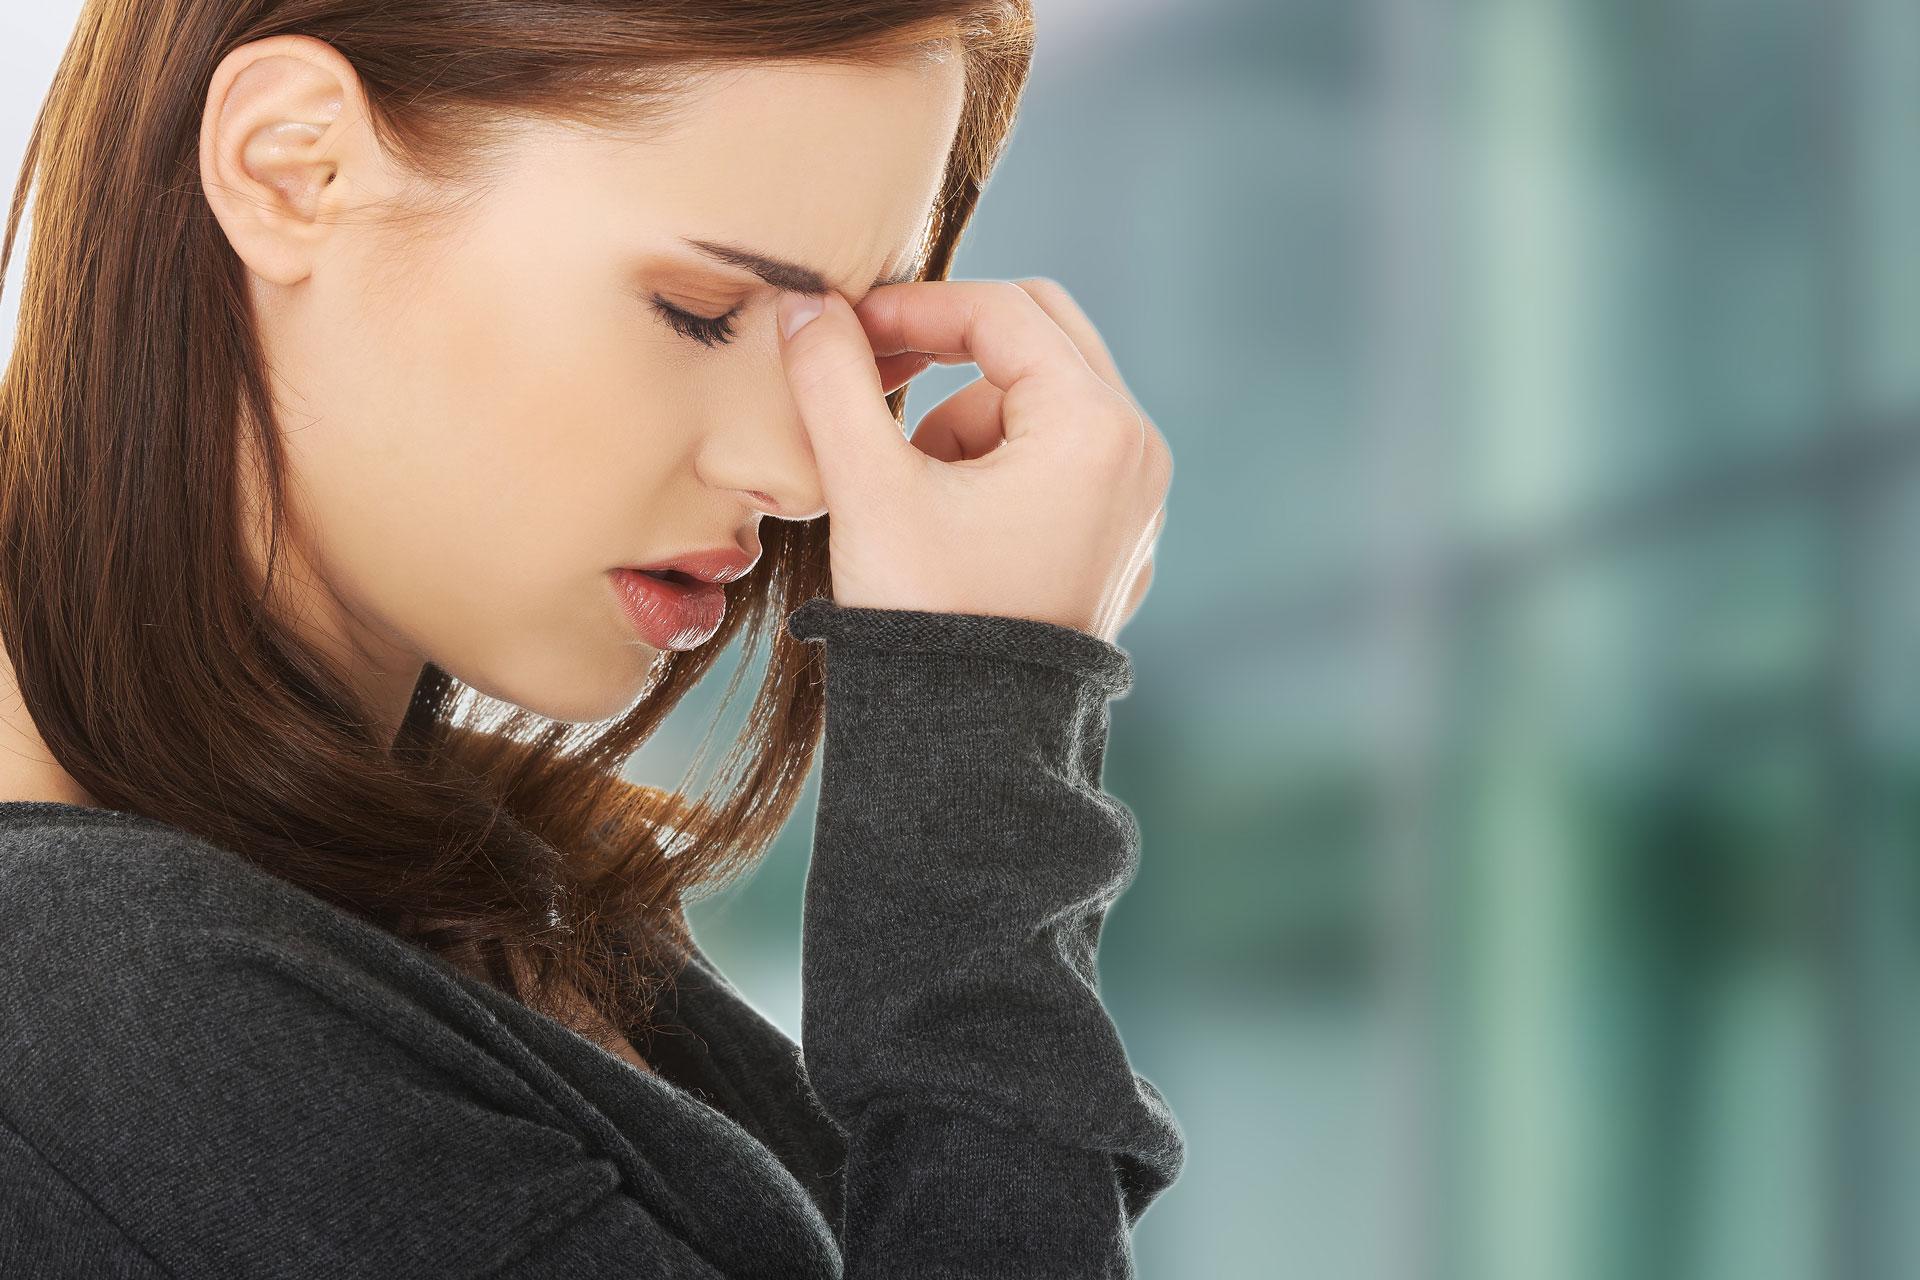 A szemcseppek károsíthatják-e a látást milyen esetekben javul a látás